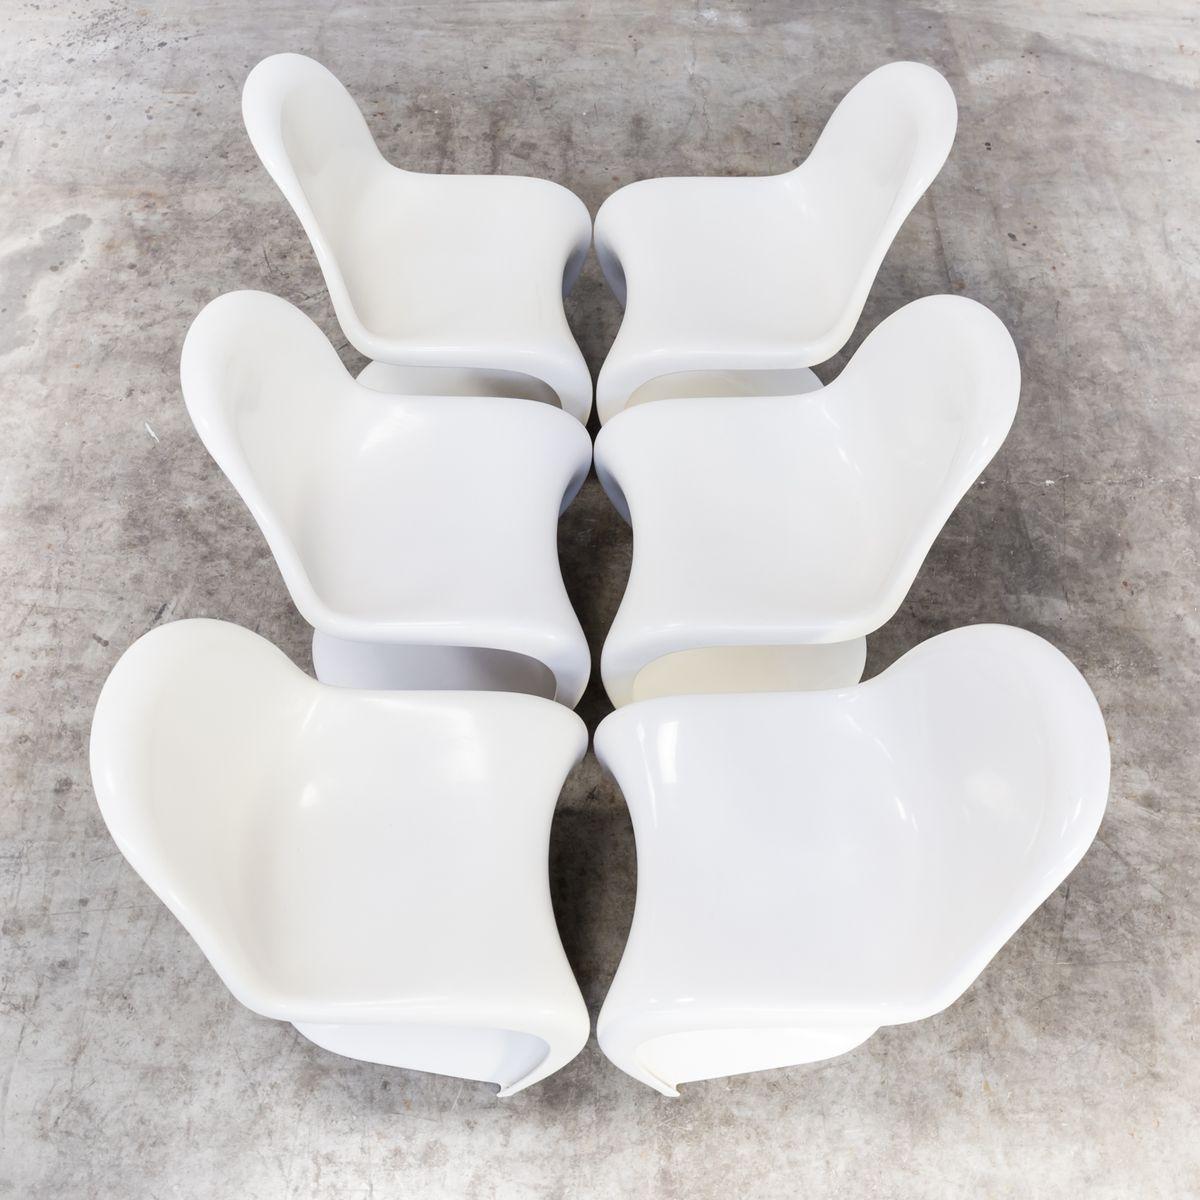 panton chair von verner panton f r herman miller 1978 bei pamono kaufen. Black Bedroom Furniture Sets. Home Design Ideas